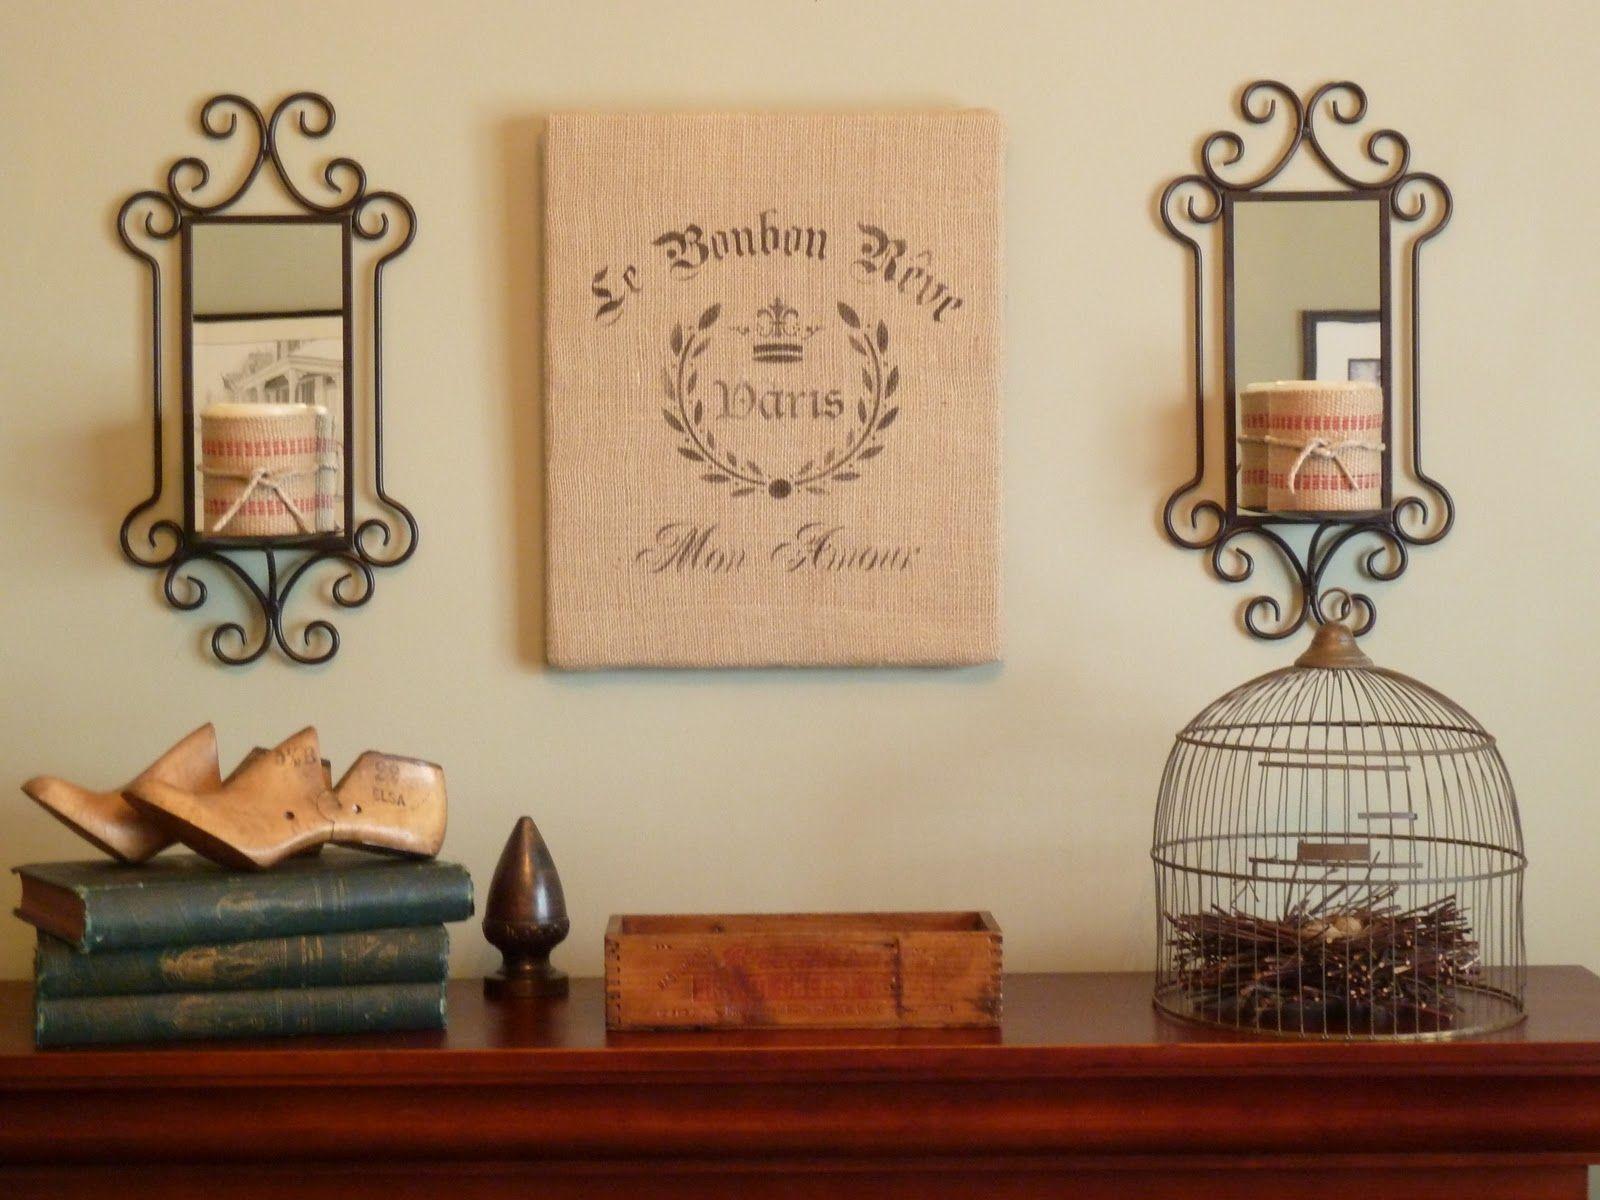 kates place stenciled french burlap wall hanging maison d co pinterest deco et maison. Black Bedroom Furniture Sets. Home Design Ideas